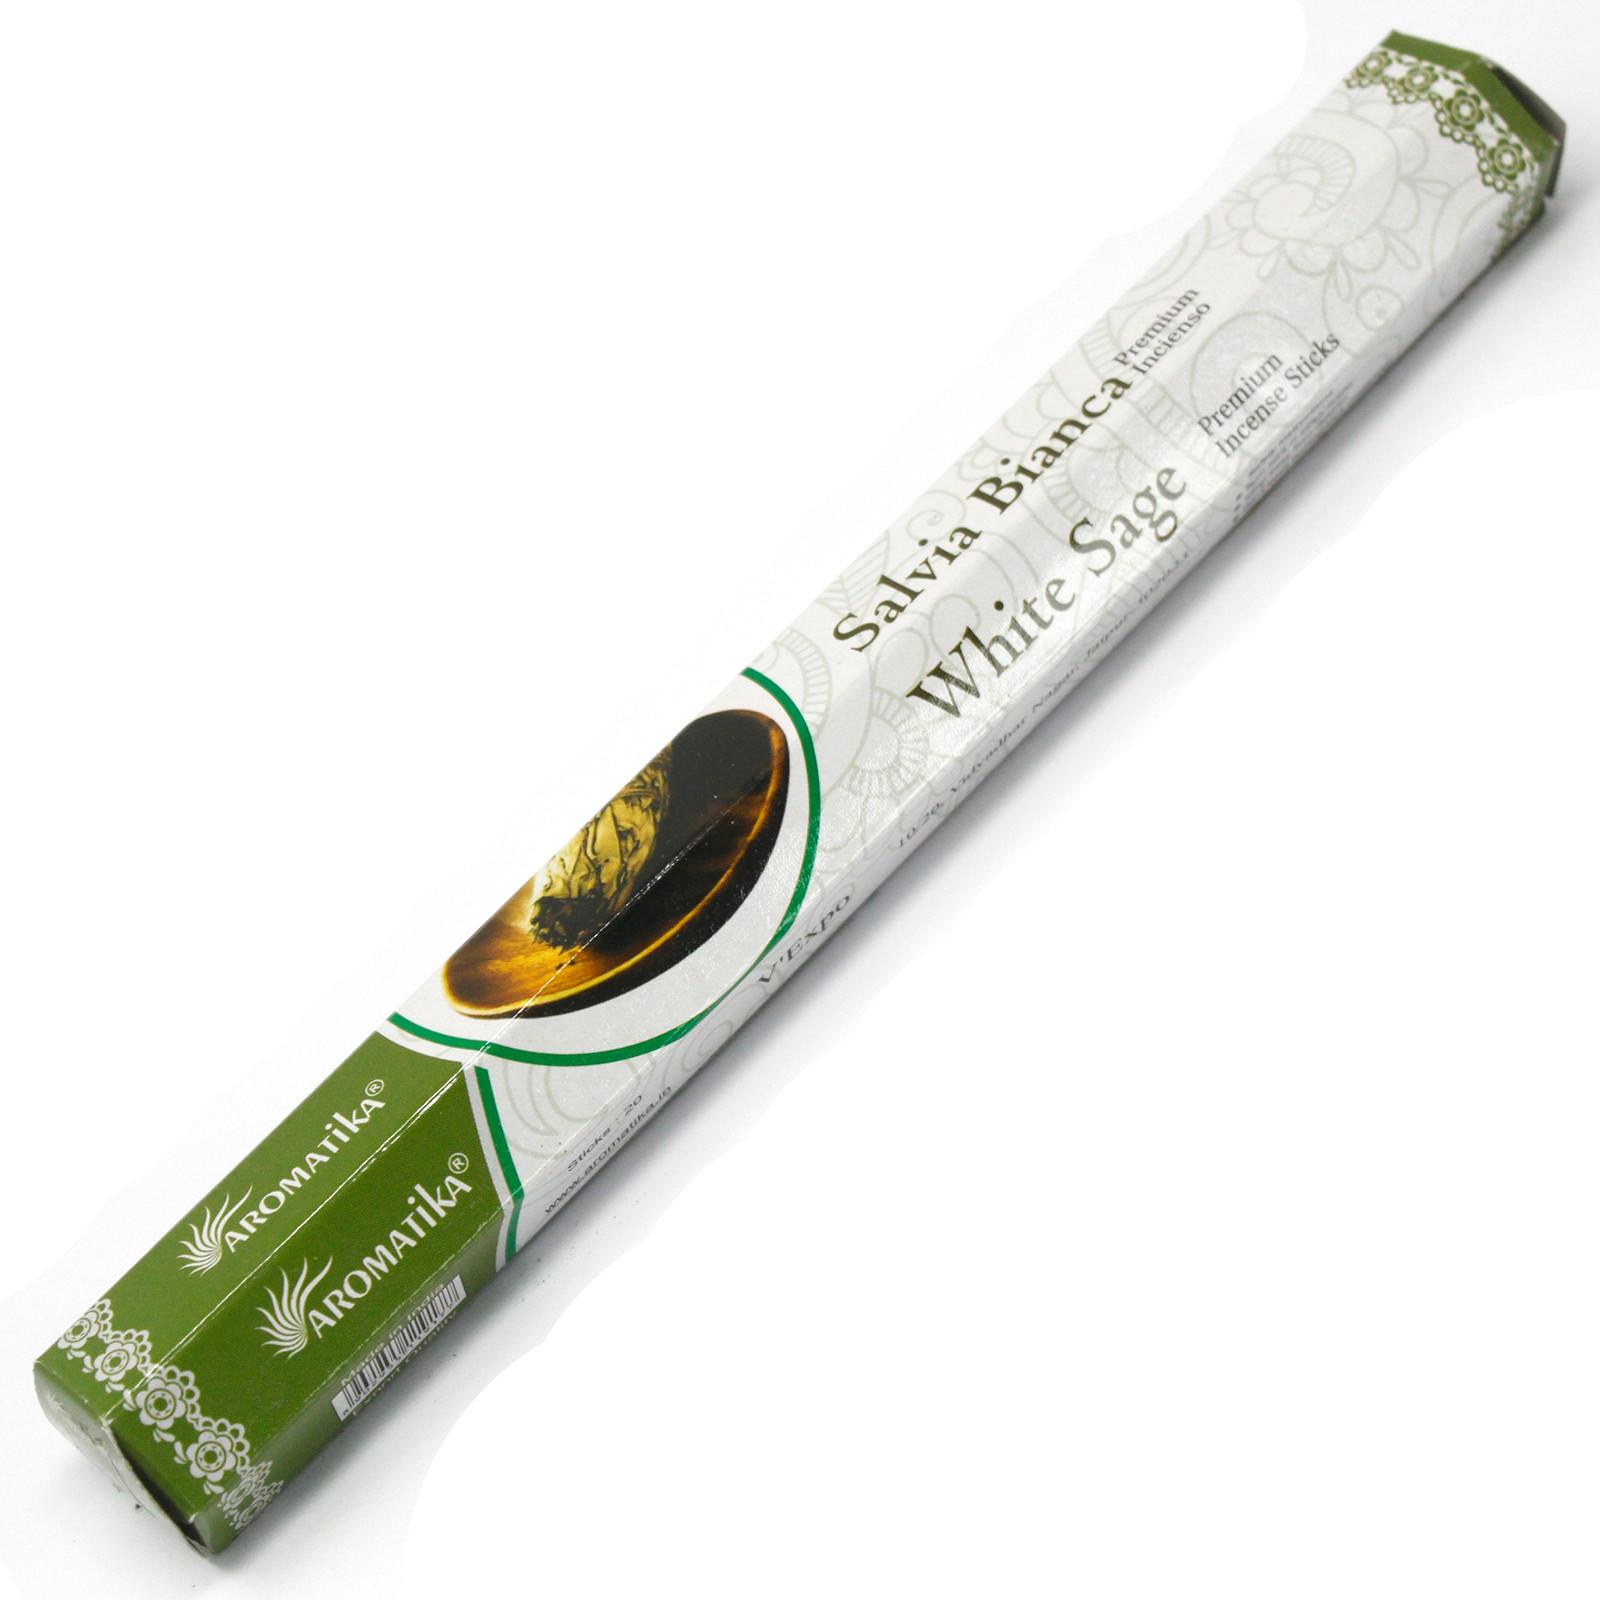 Aromatica Premium Incense White Sage